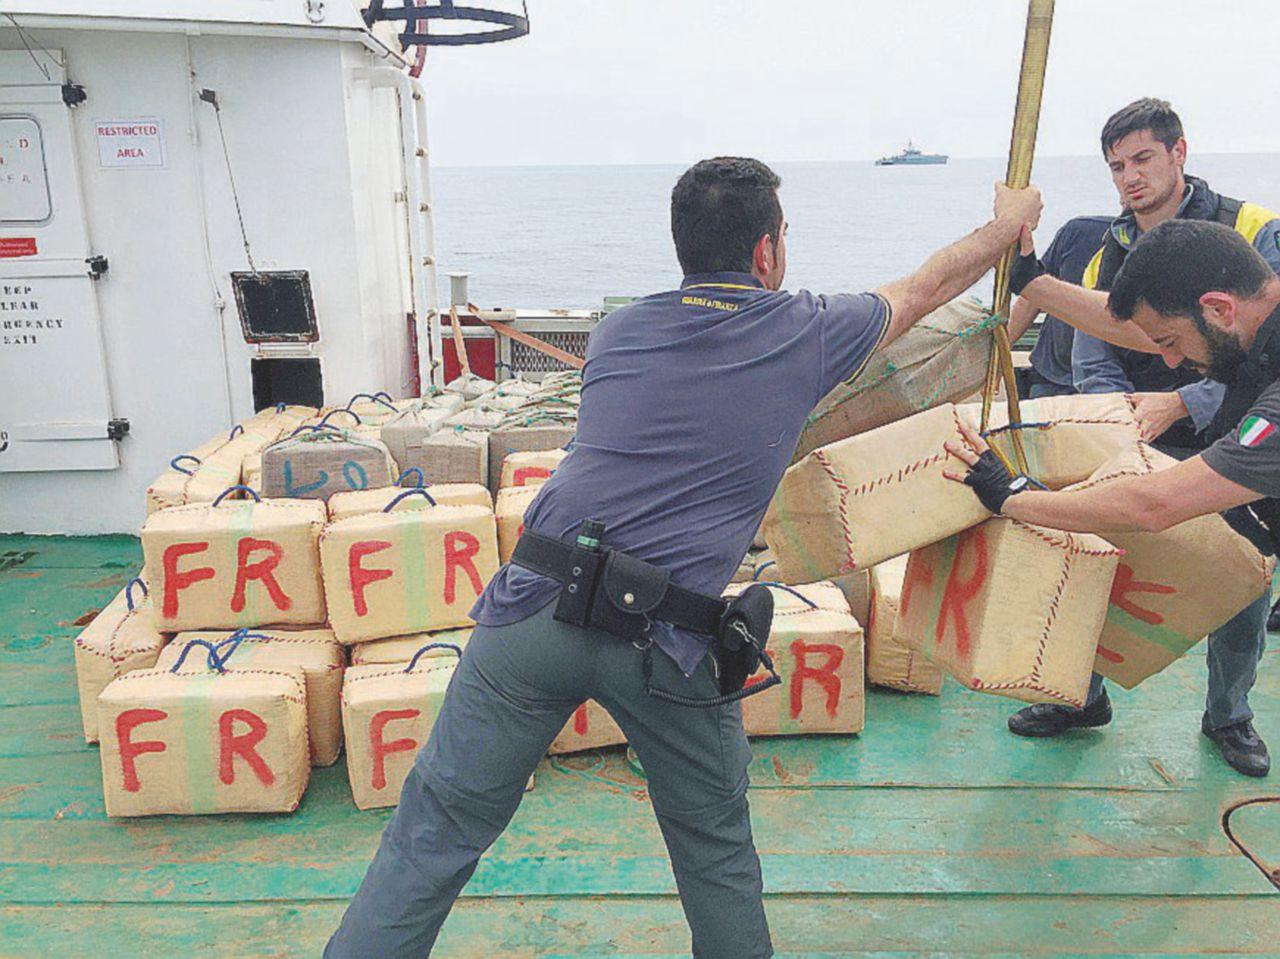 La multinazionale del traffico di droga: a bordo del cargo arrestati in 9 (di 7 nazionalità)